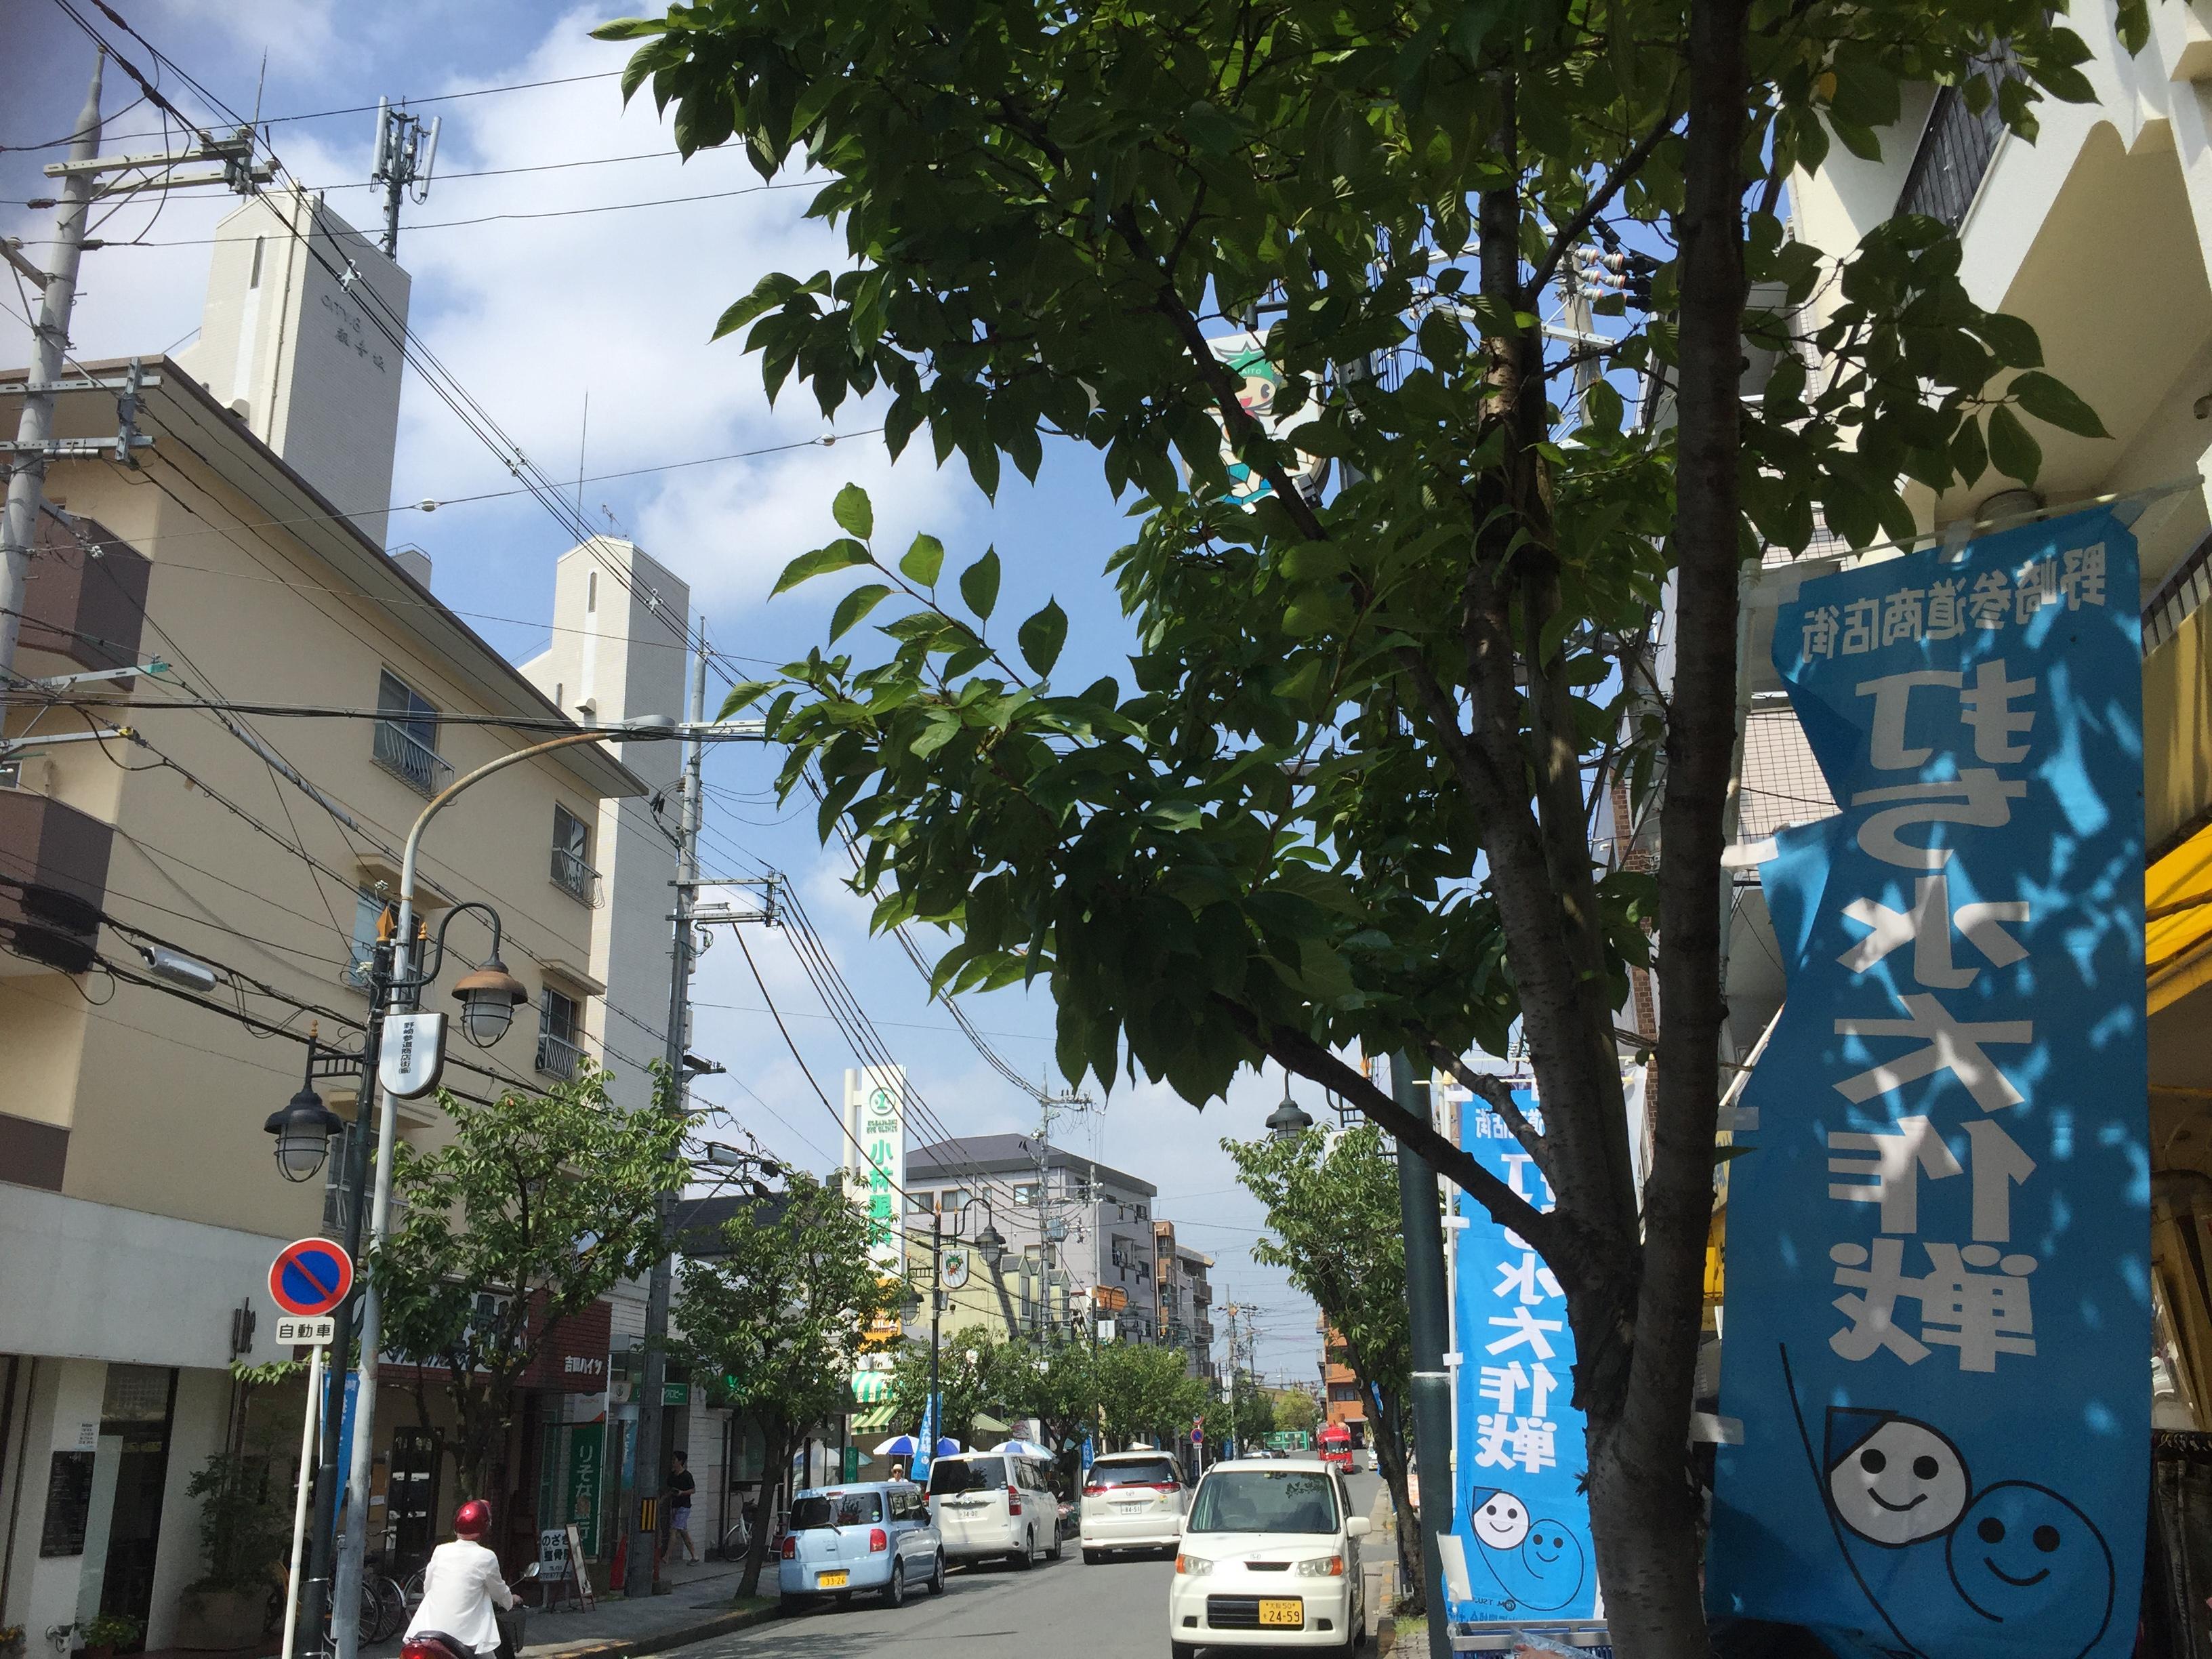 本日(8/5)15時から野崎参道商店街では打ち水大作戦が開催されます。